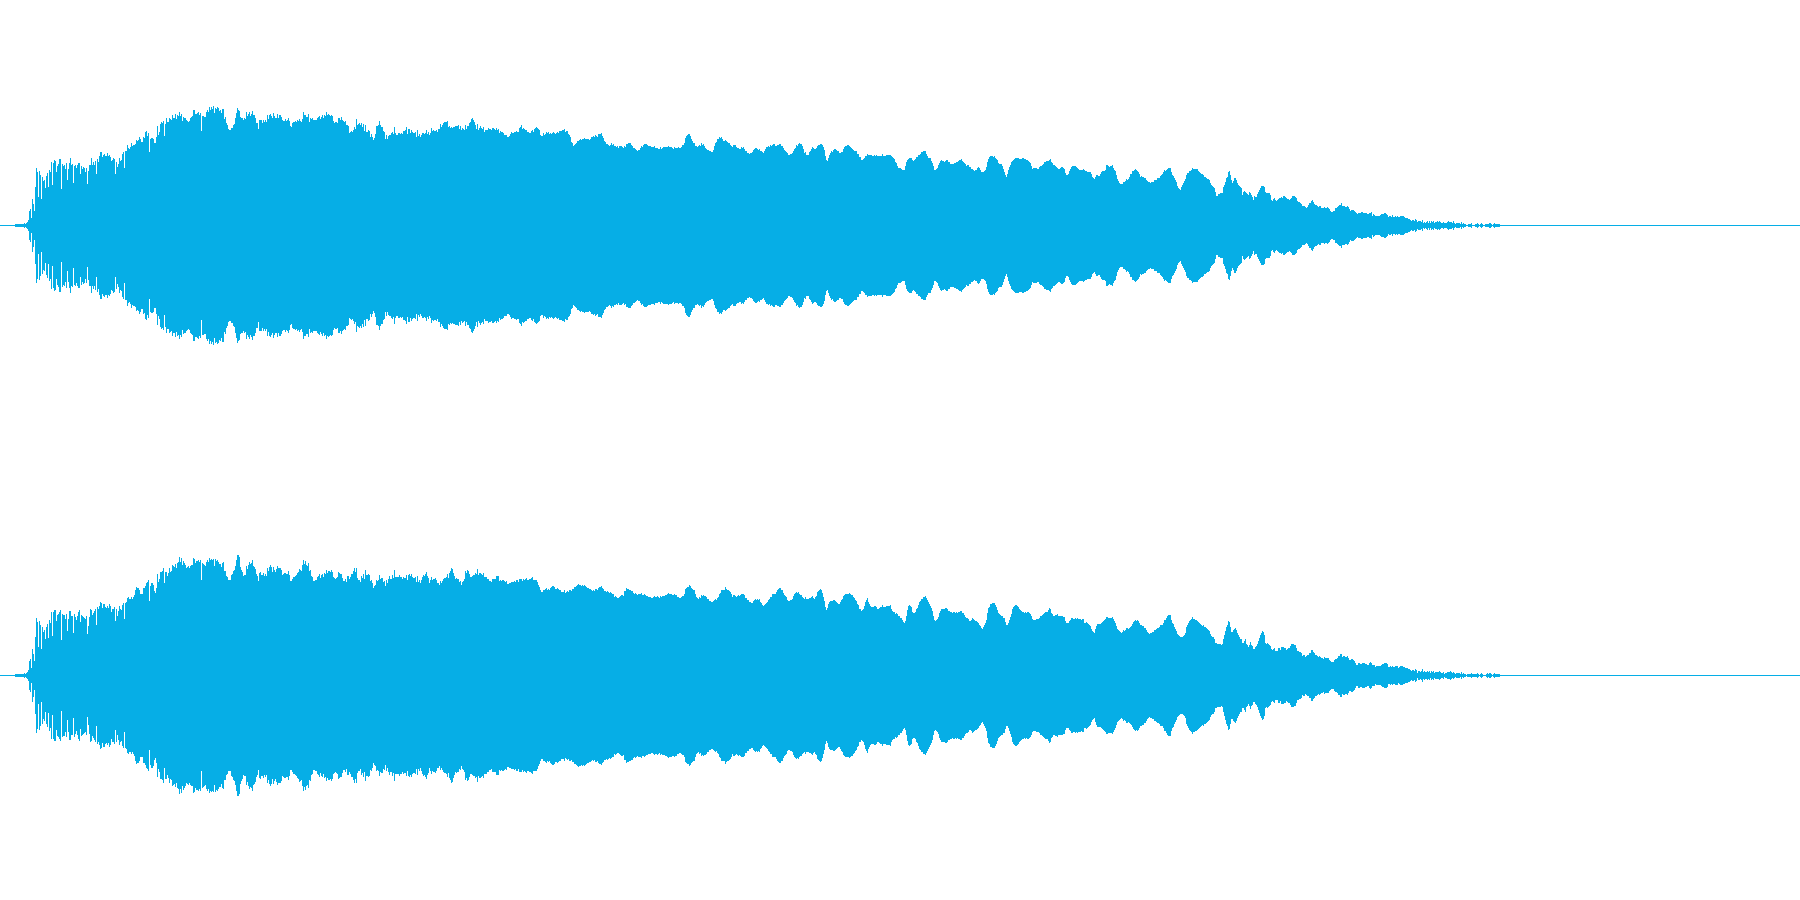 「ホーーー」歌舞伎や能や狂言の掛け声FXの再生済みの波形